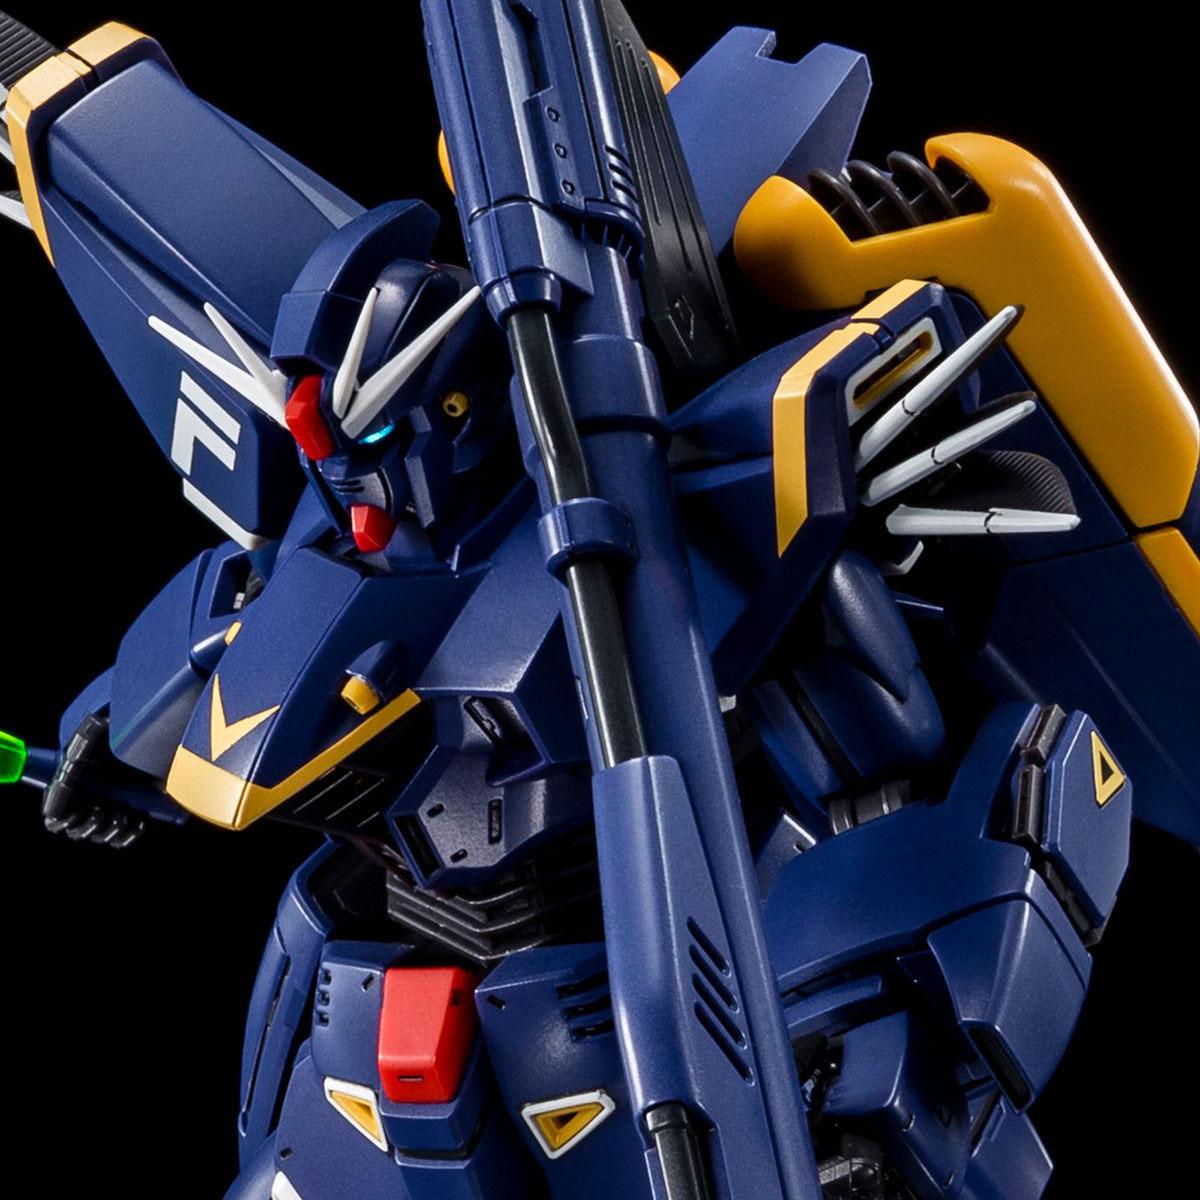 【限定販売】MG 1/100『ガンダムF91 Ver.2.0(ハリソン・マディン専用機)』プラモデル-001